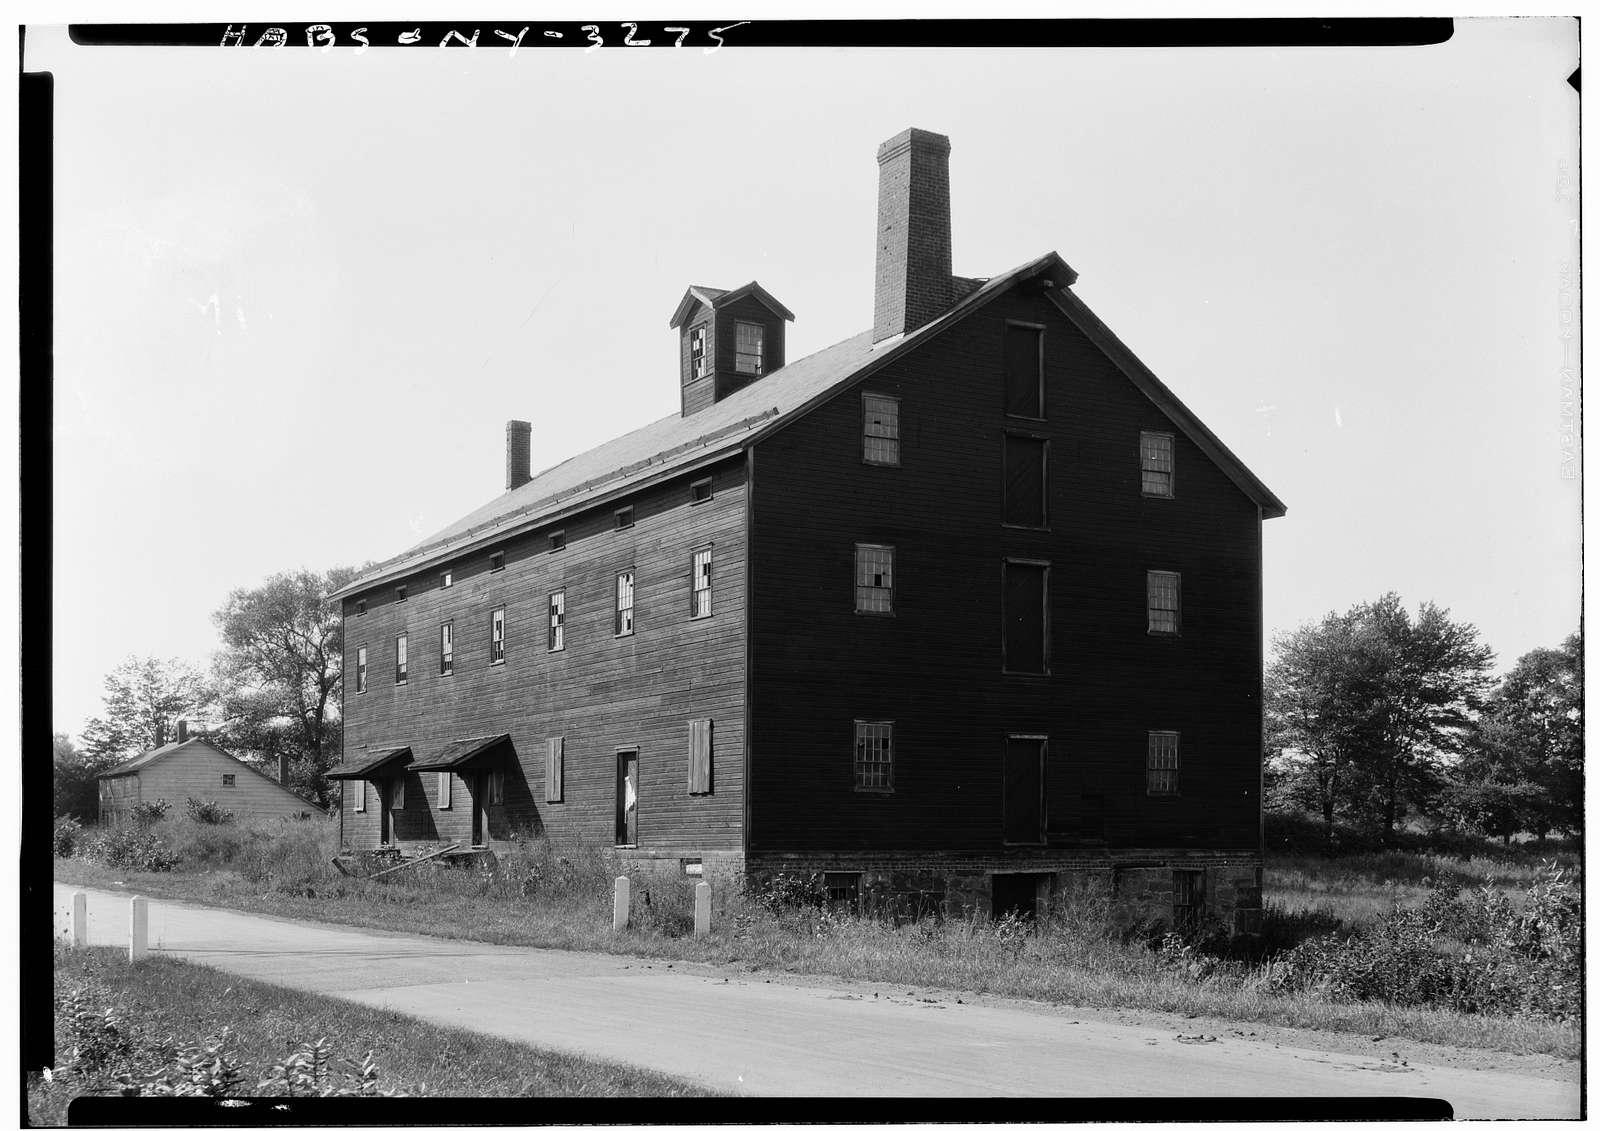 Shaker Church Family Mill, Watervliet Shaker Road, Colonie Township, Watervliet, Albany County, NY